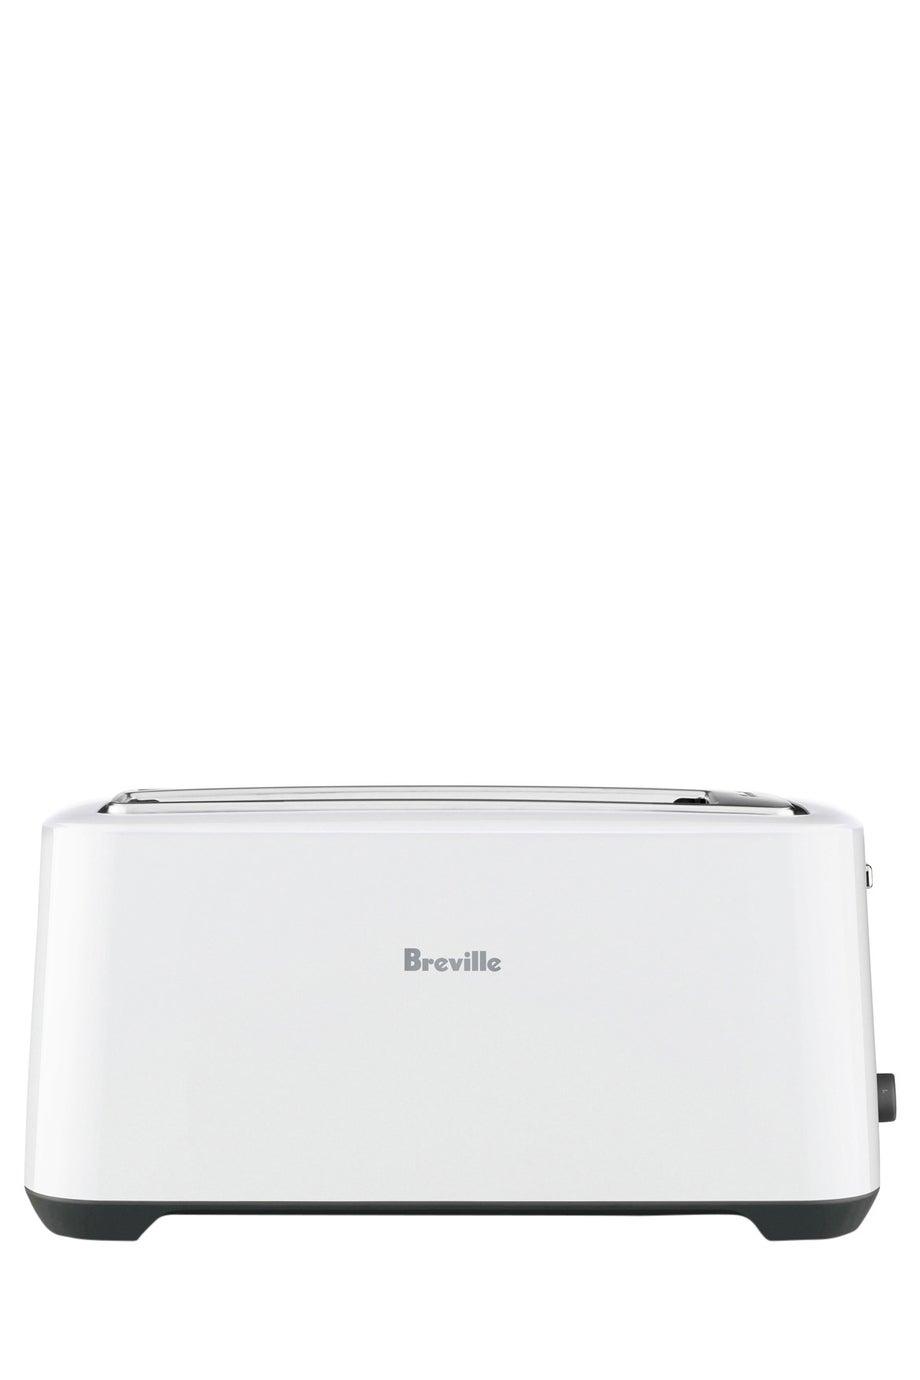 Breville BTA380 Toaster